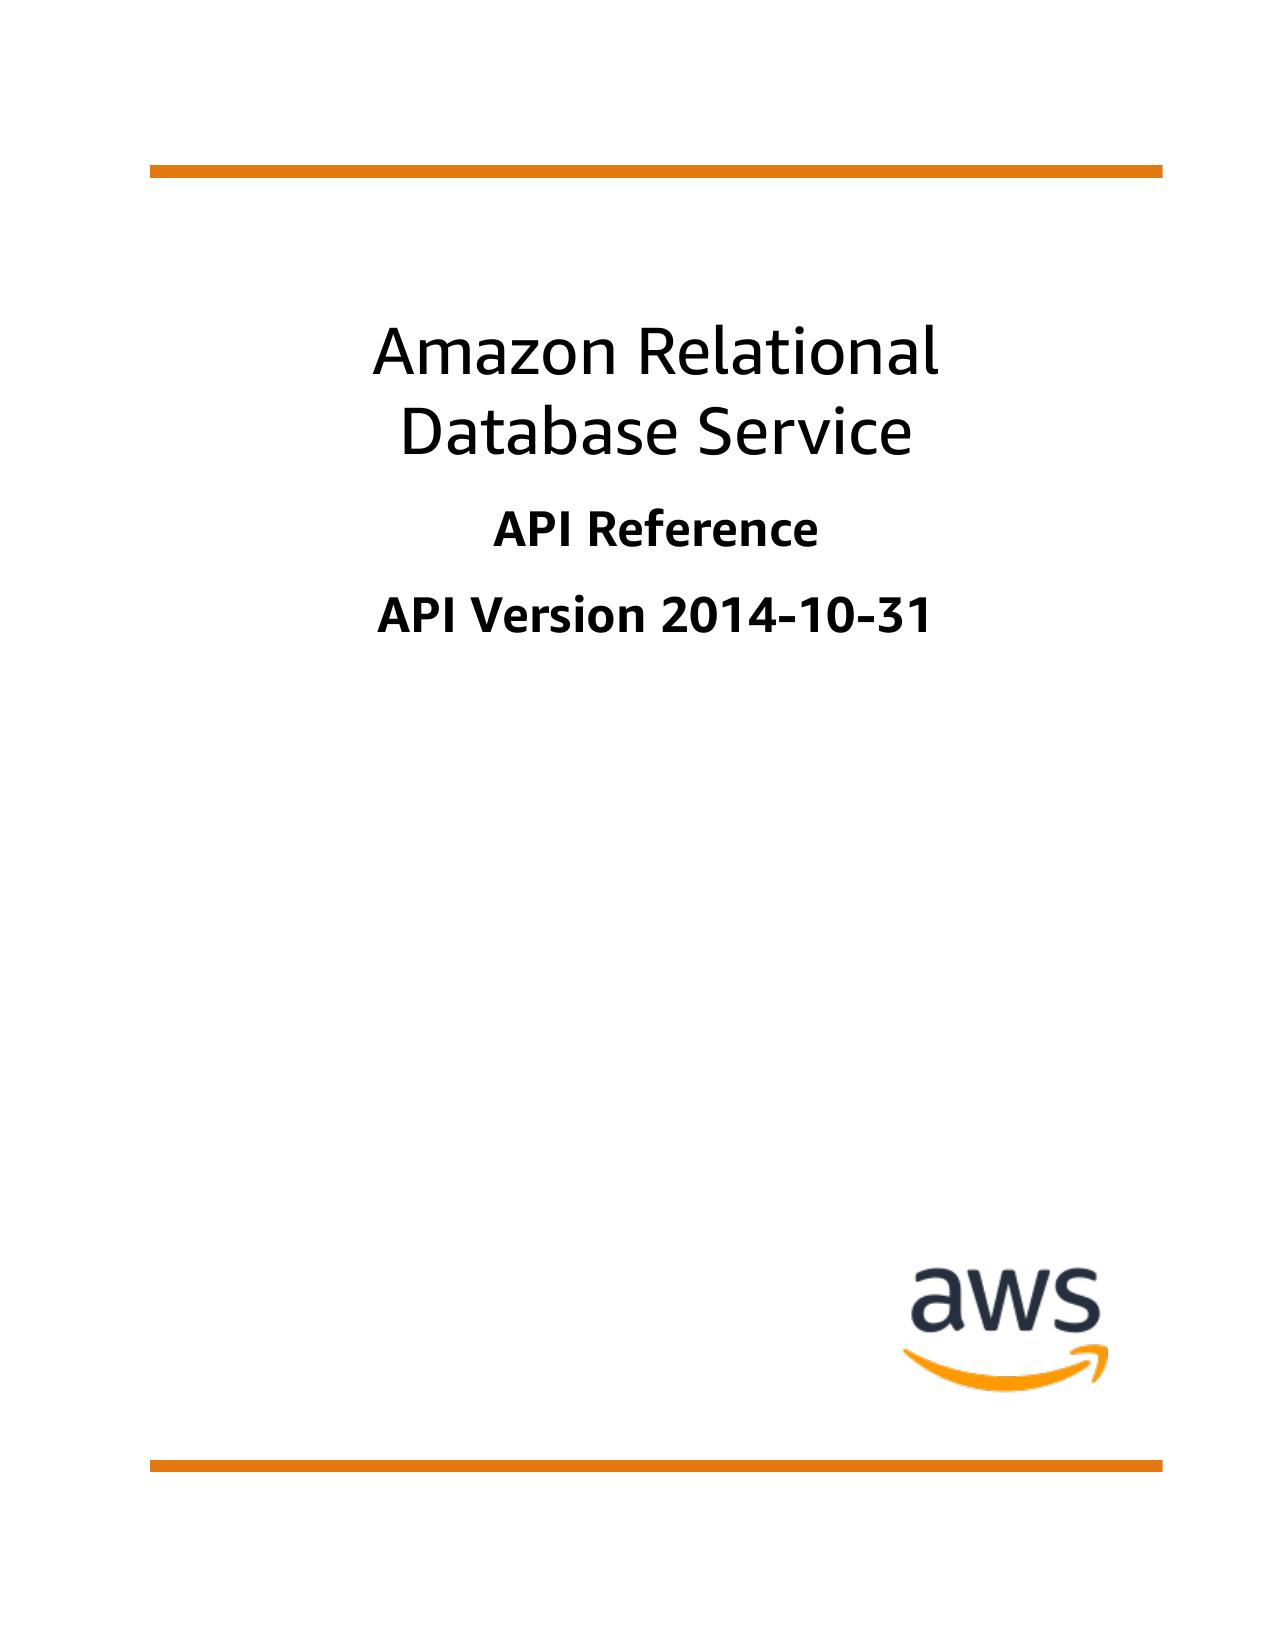 Amazon Relational Database Service Api Reference Manualzzcom